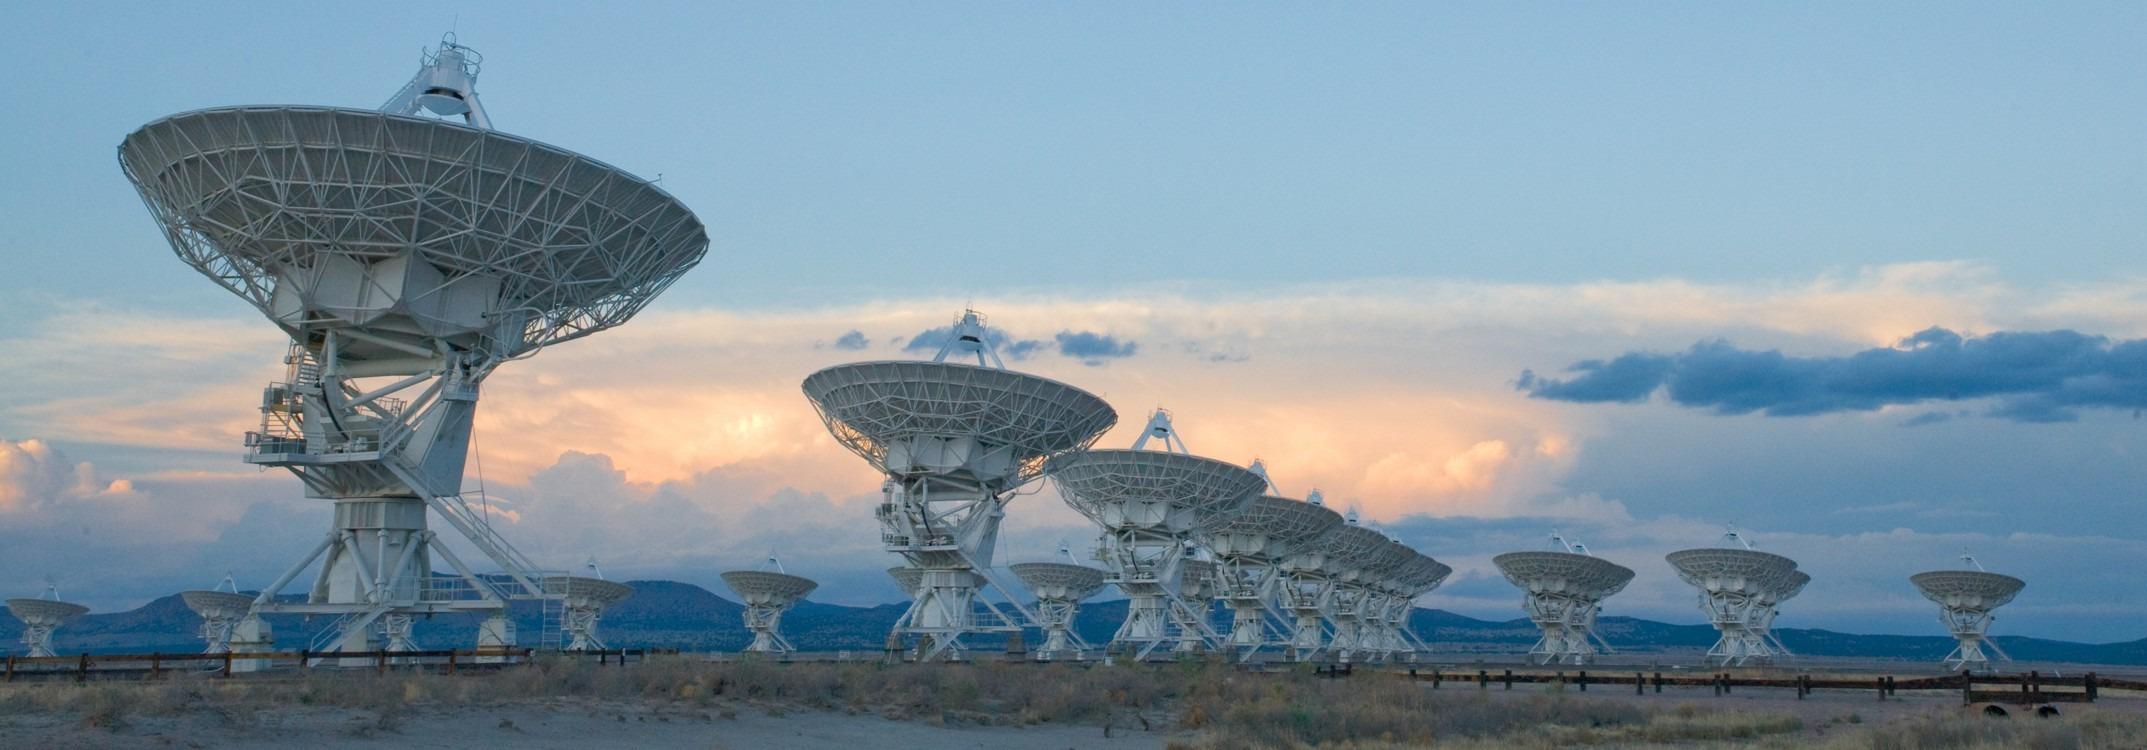 Neden şu uzaylıları bir türlü bulamıyoruz?